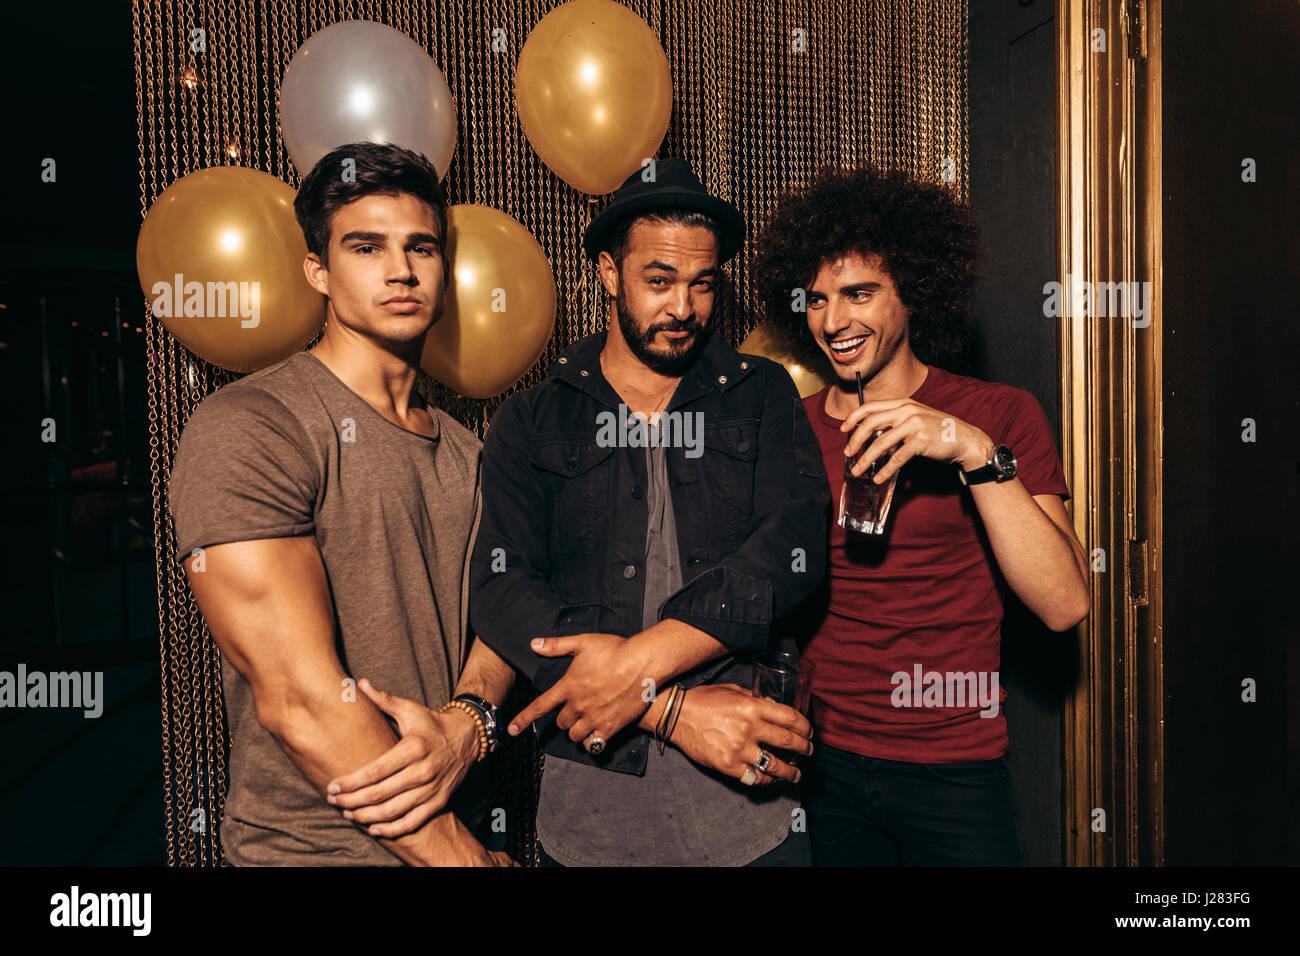 Portrait de trois jeunes hommes à faire la fête dans la discothèque. Groupe d'hommes ayant une Photo Stock